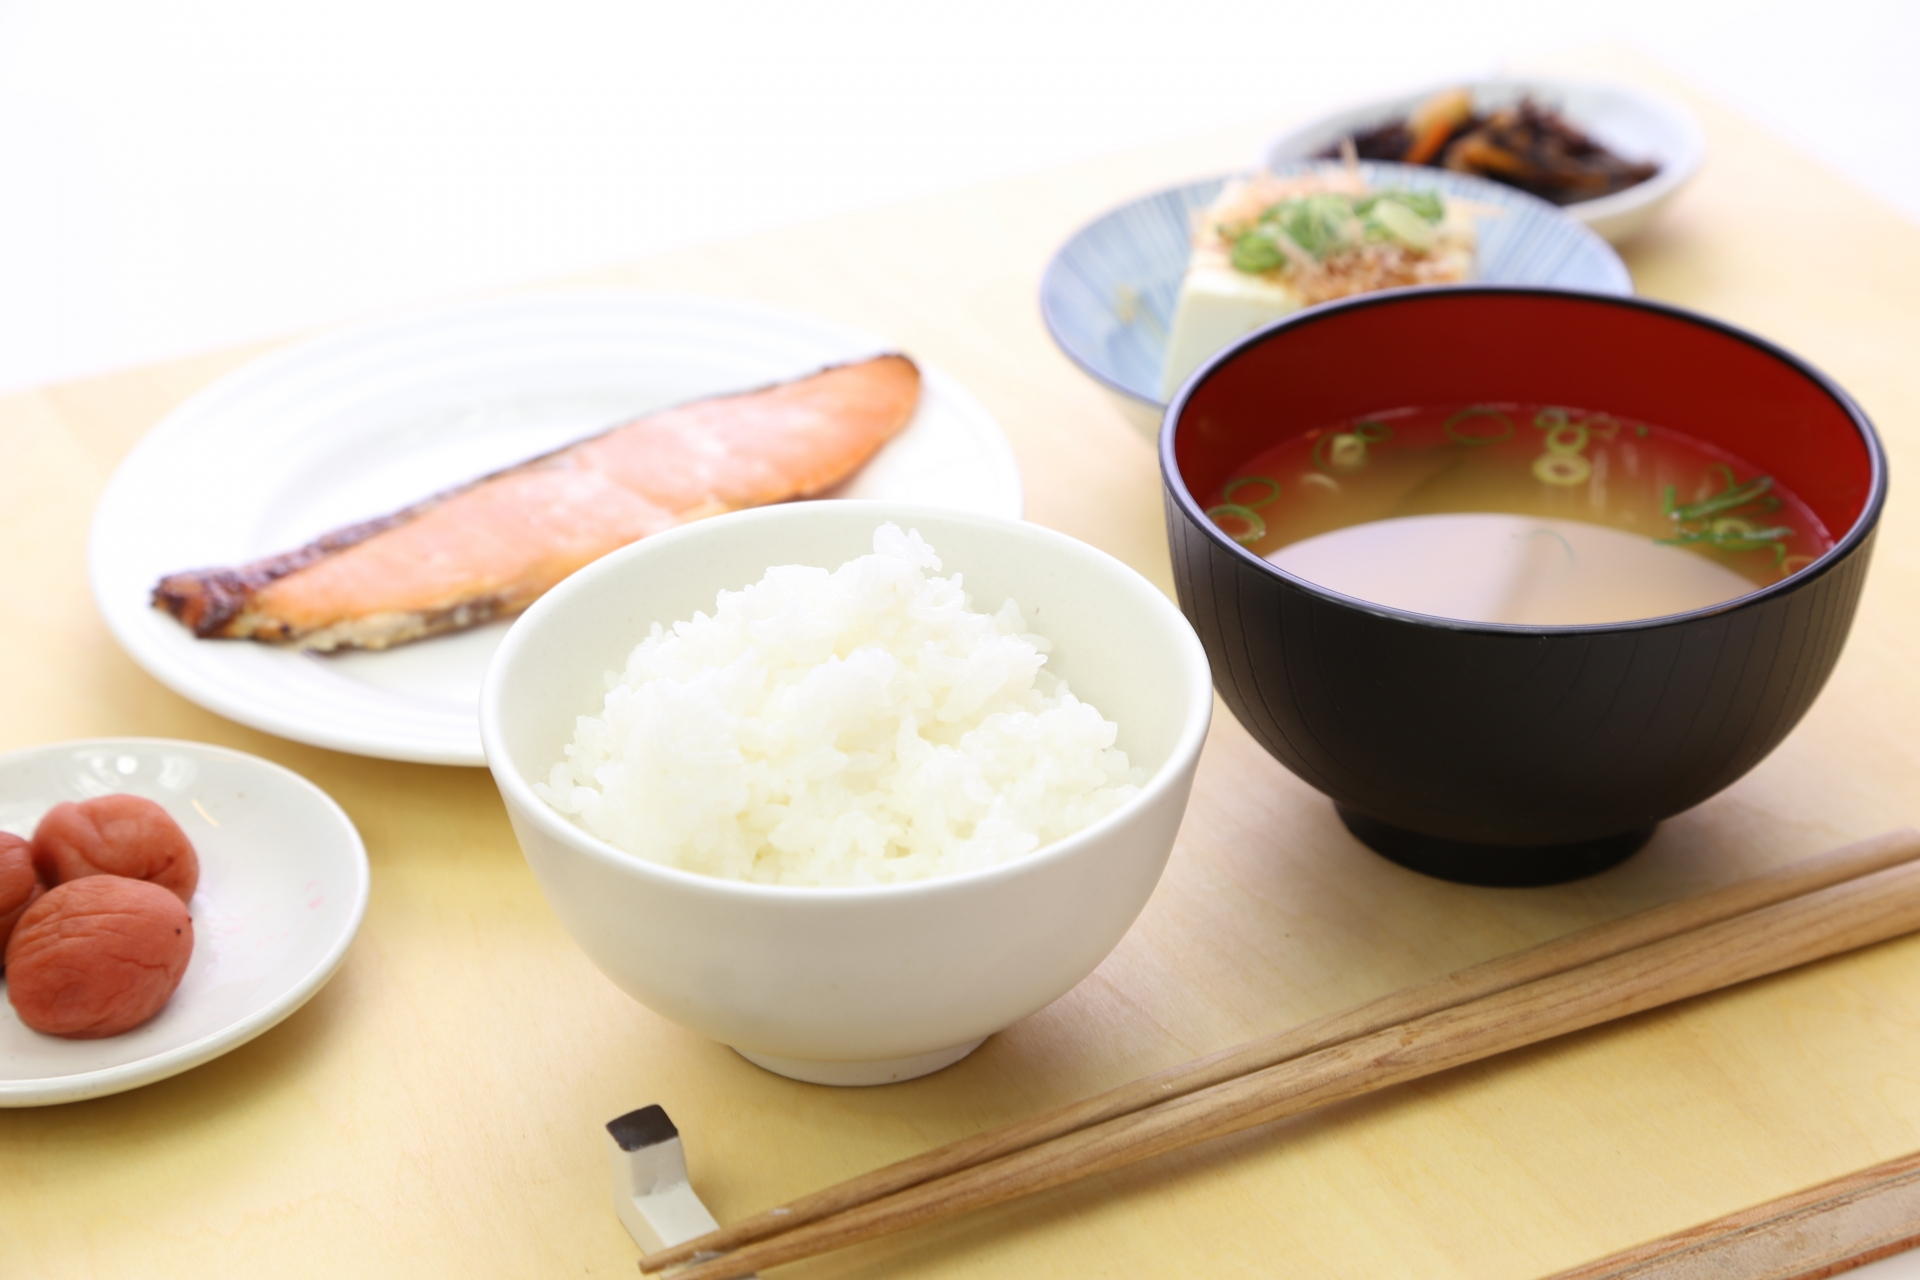 ご飯と味噌汁だけでもしっかりと栄養を摂ることができる!